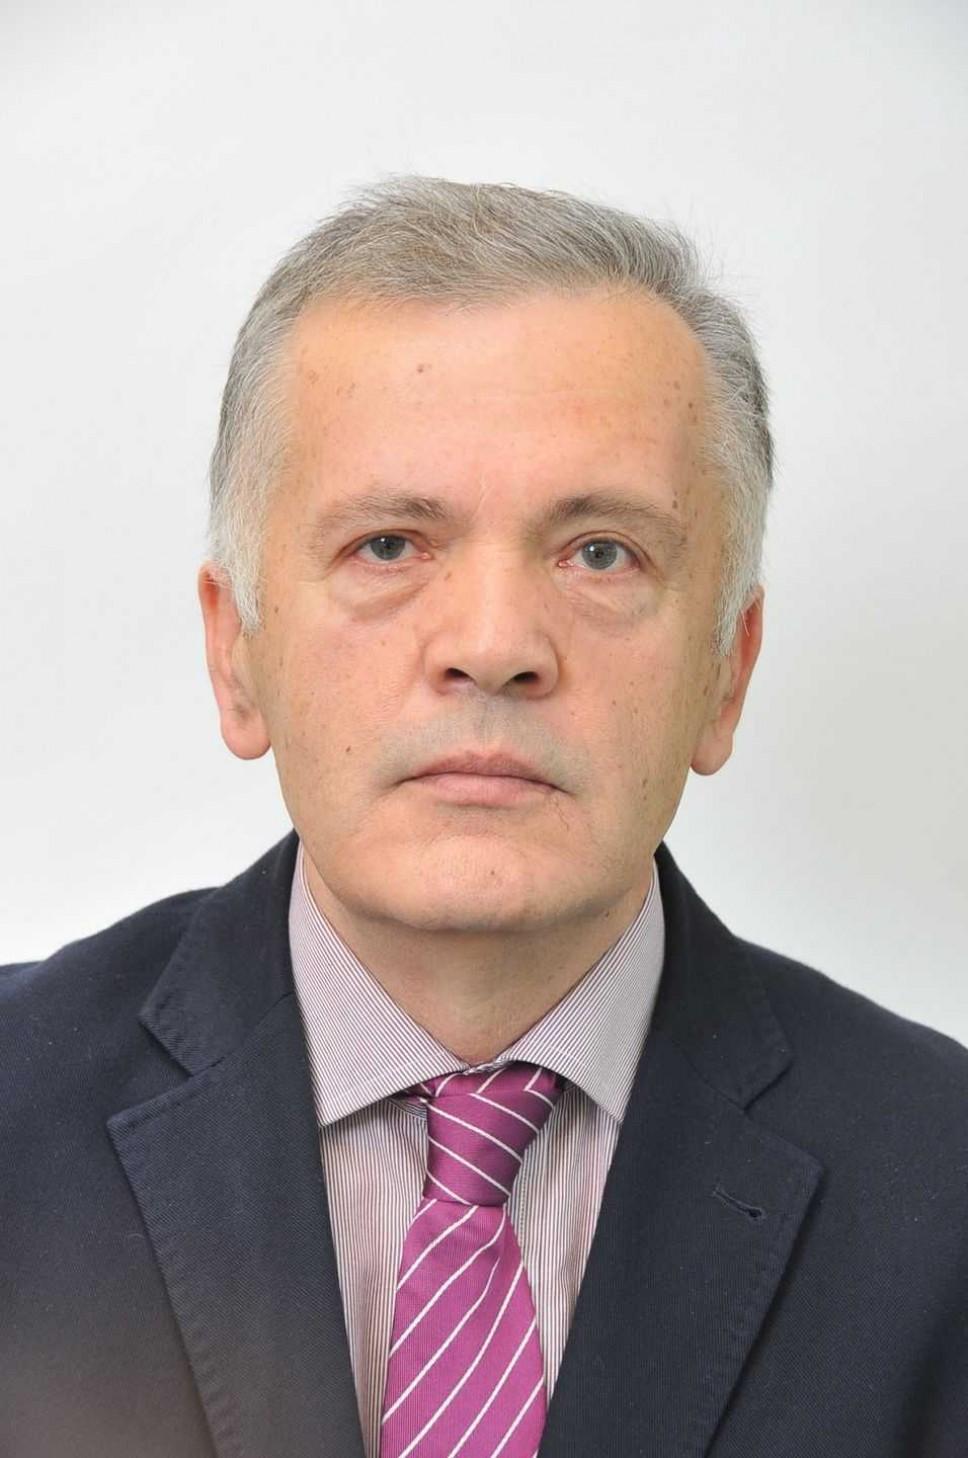 Biografija - Ašanin Bogdan